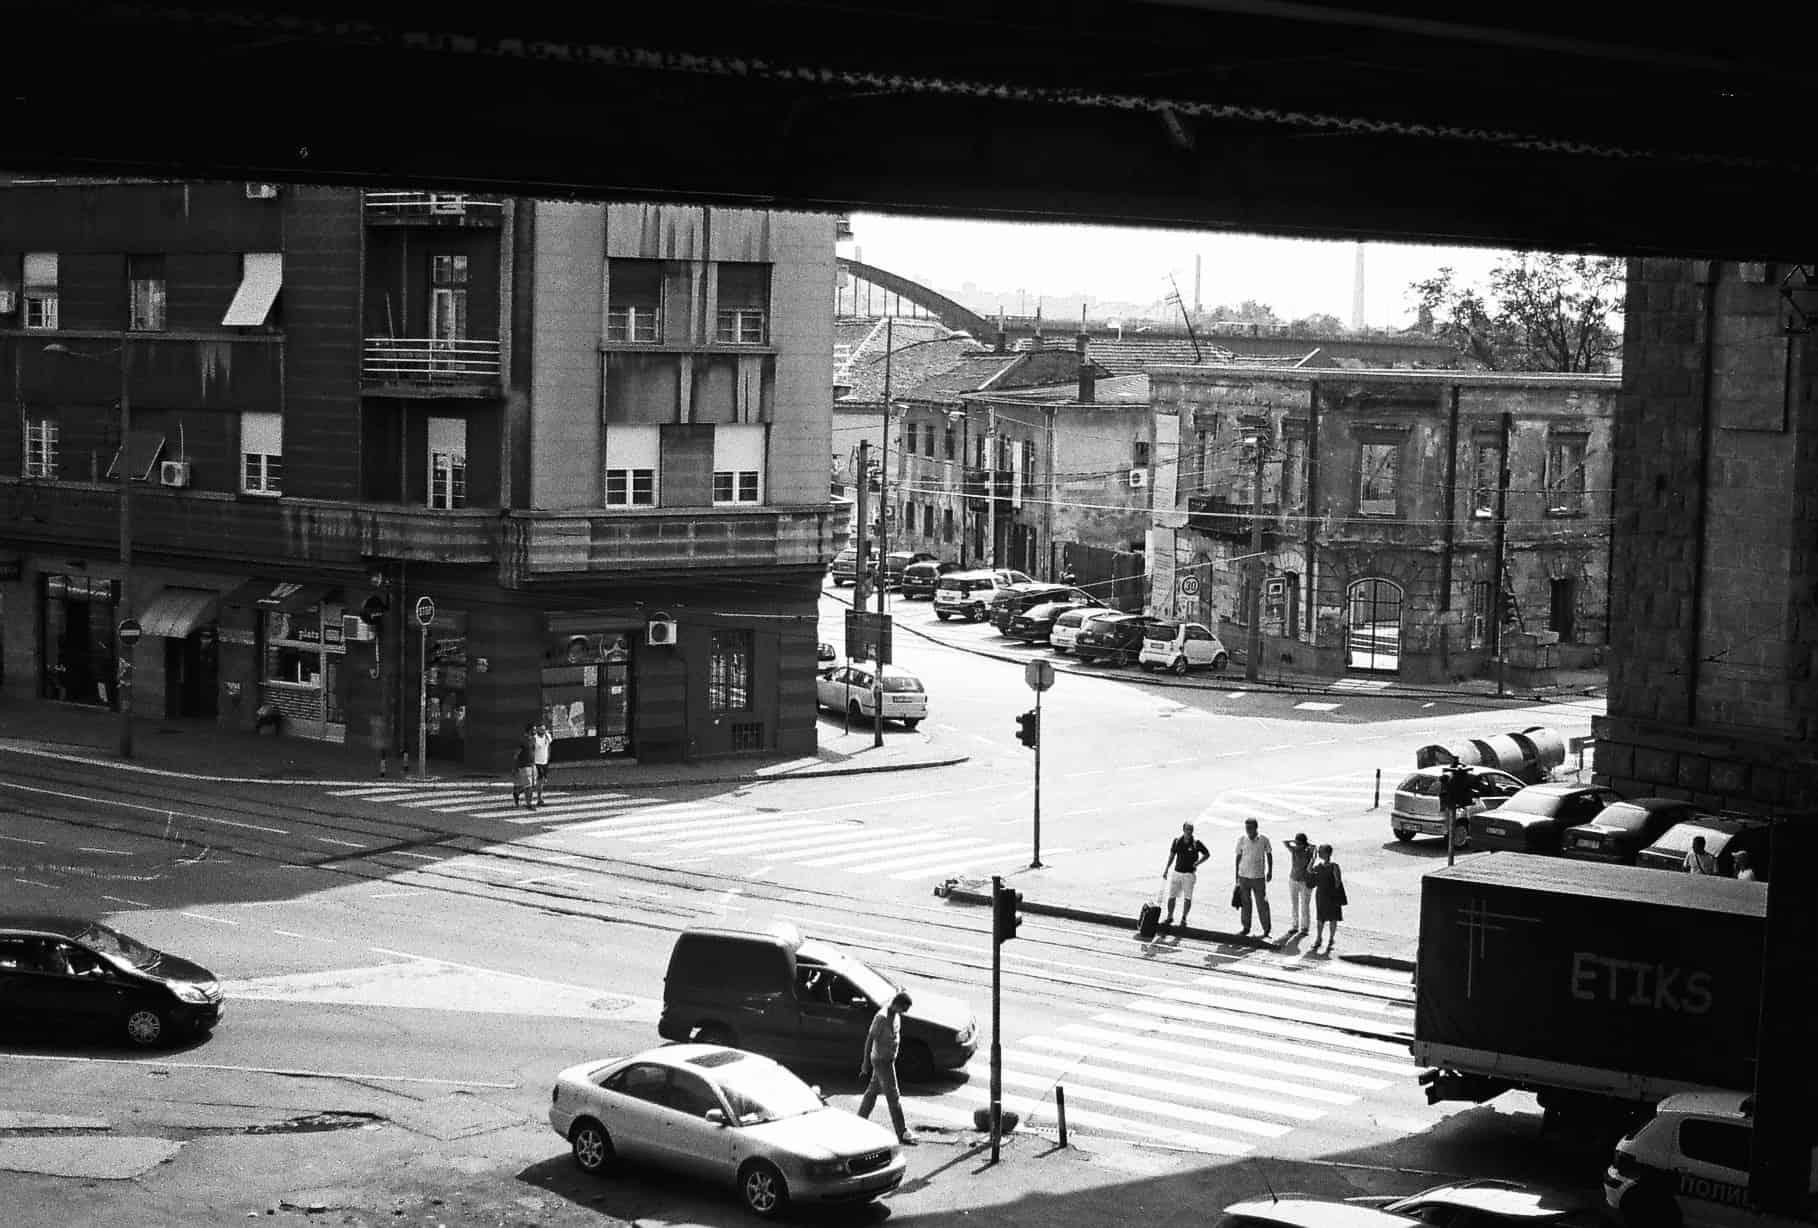 Underpass in Belgrade